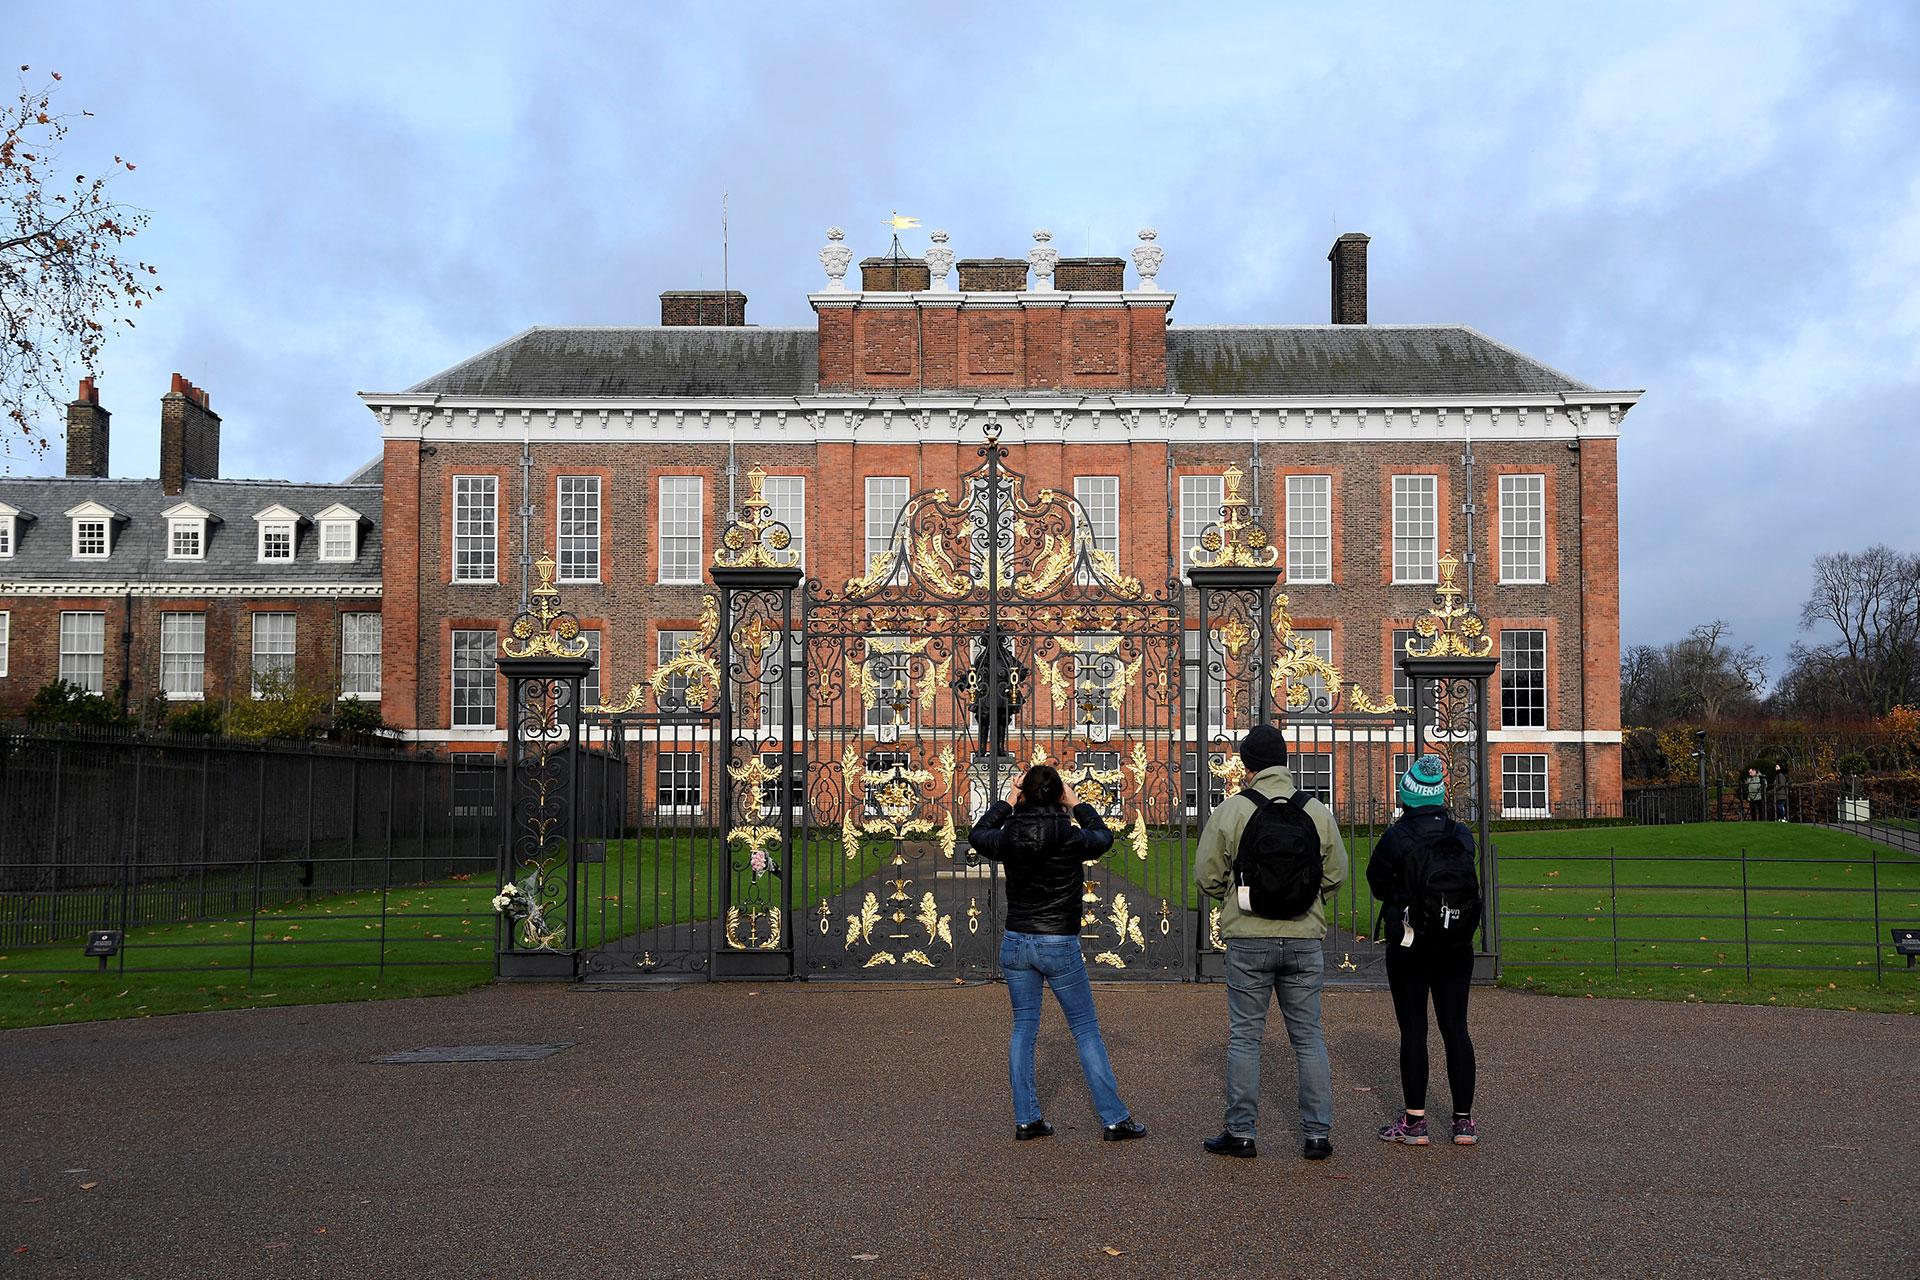 Nottingham Cottage dentro del complejo de Kensington Palace, será la residencia de los novios